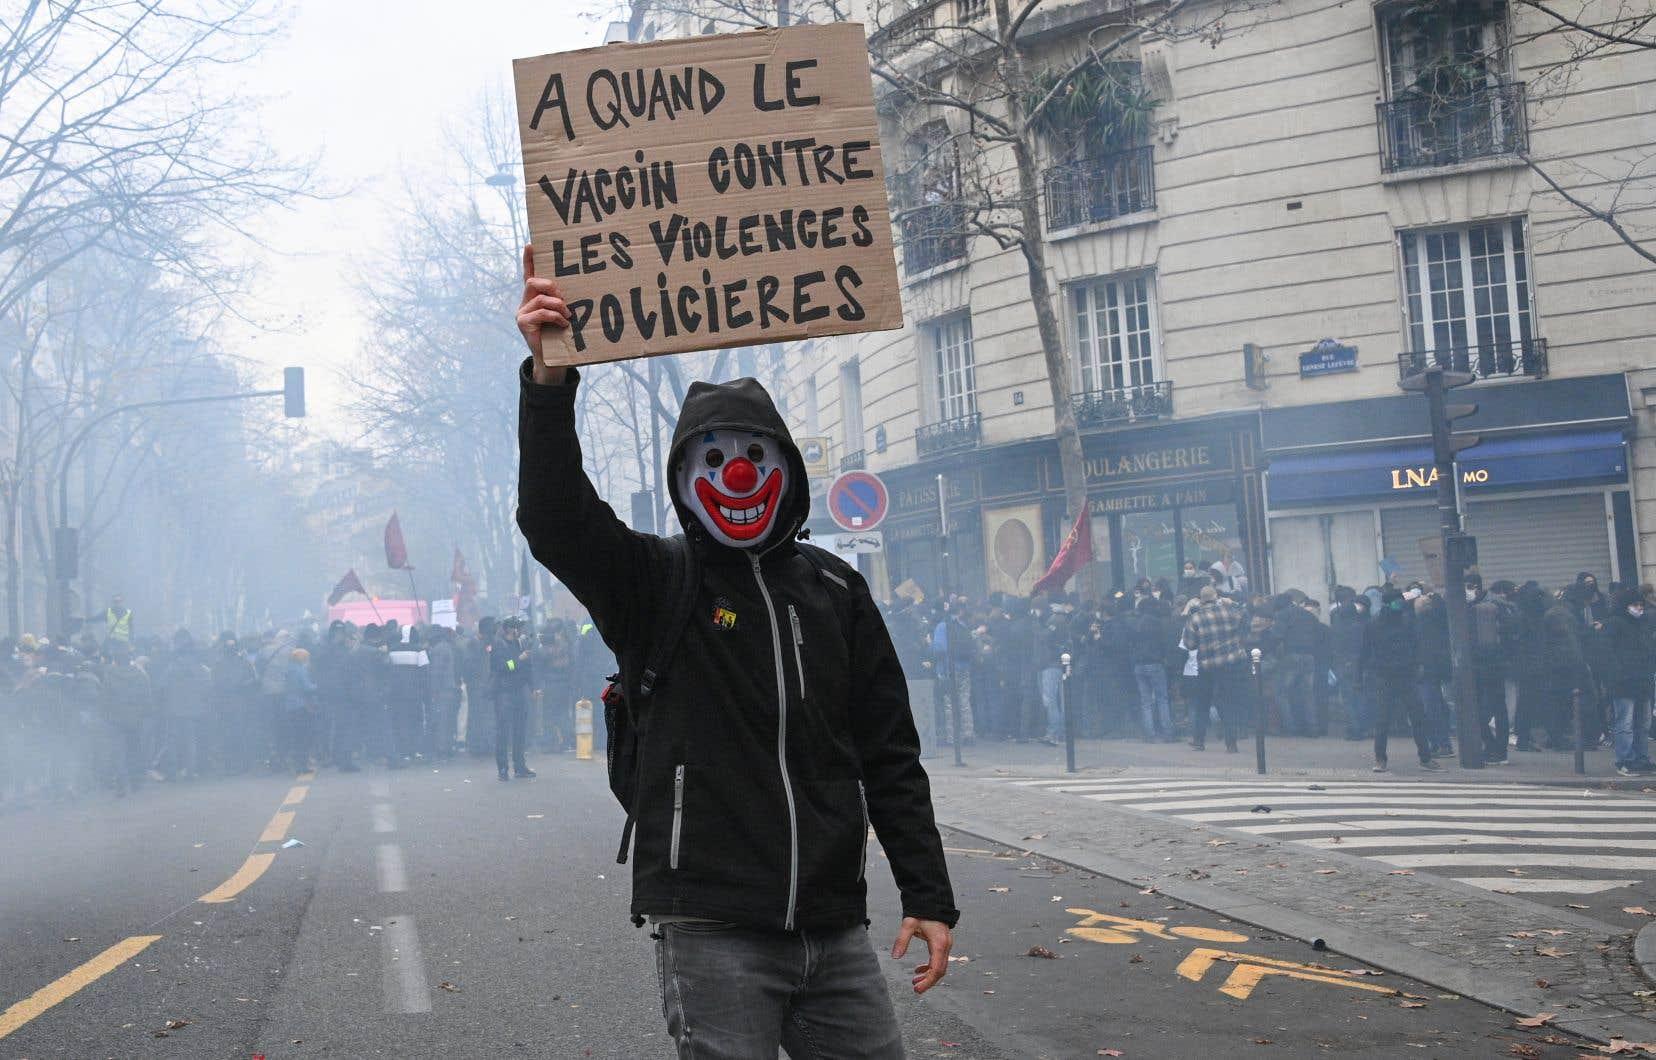 Au milieu de ballons syndicaux, le défilé parisien se déroulait dans la fumée des fumigènes et le bruit des pétards, au son notamment de «Tout le monde déteste la police».